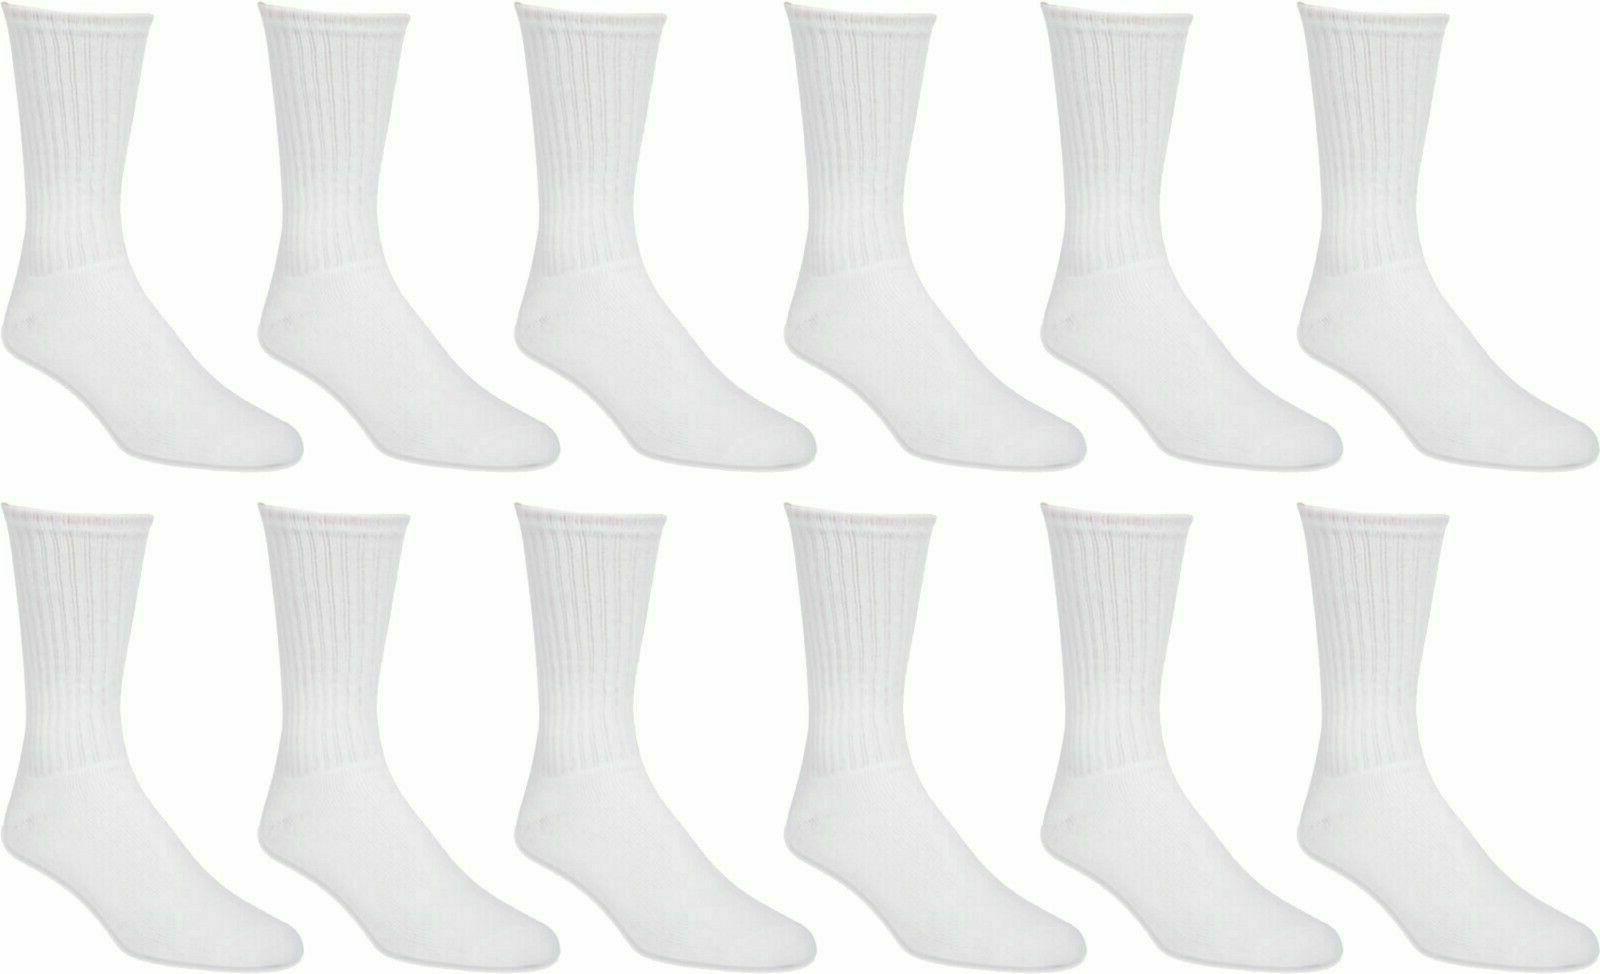 men socks work athletic crew socks sz 10-13 white